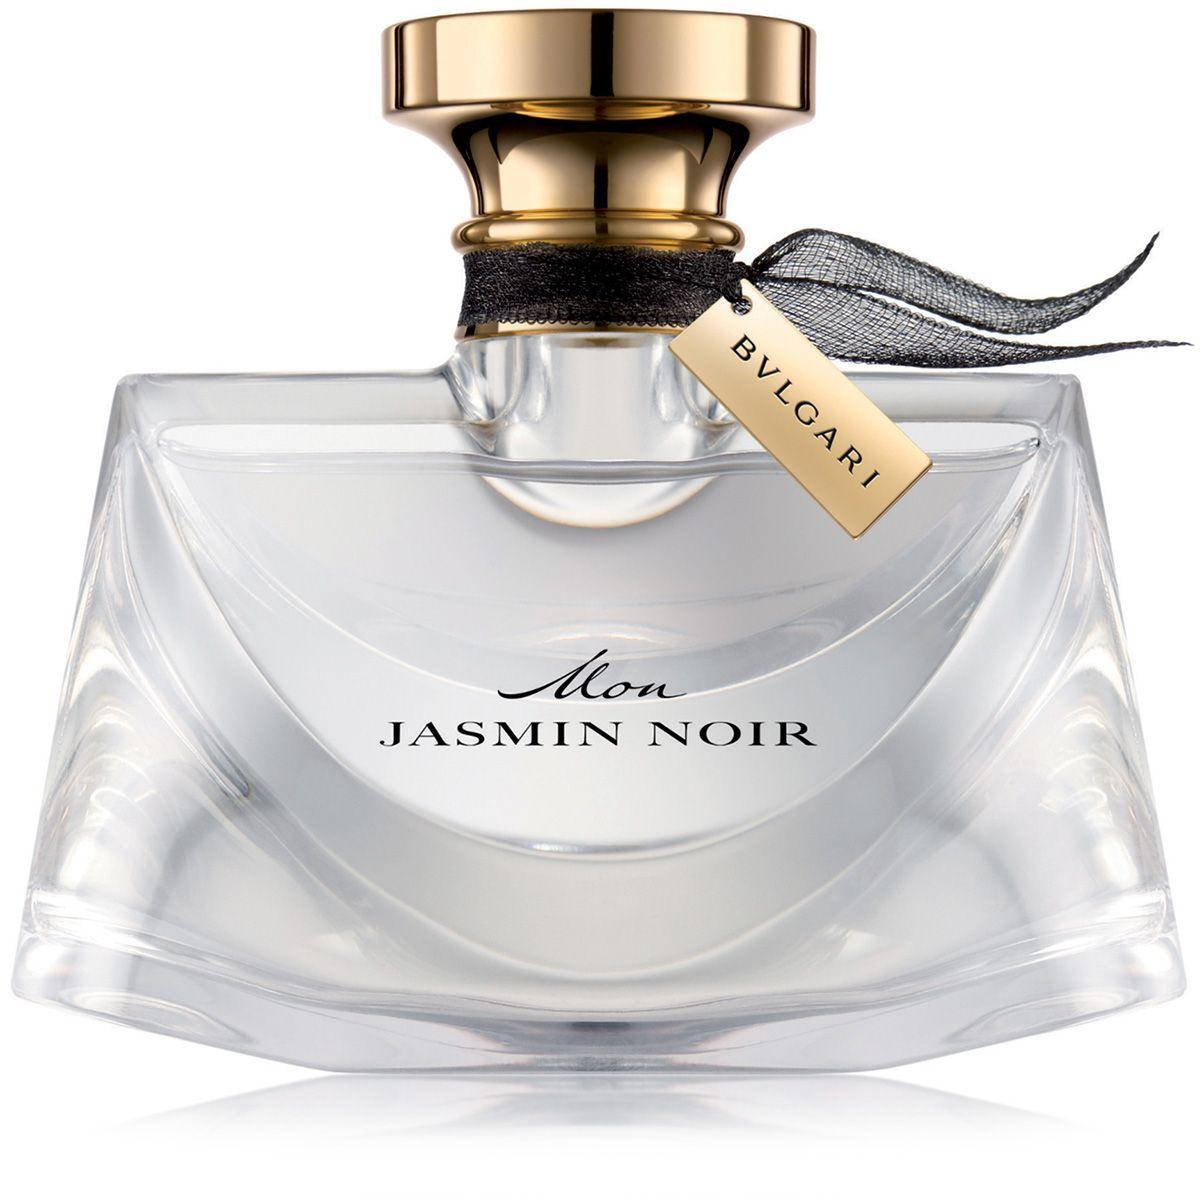 Jasmin Noir Bvlgari Parfym | Nordicfeel